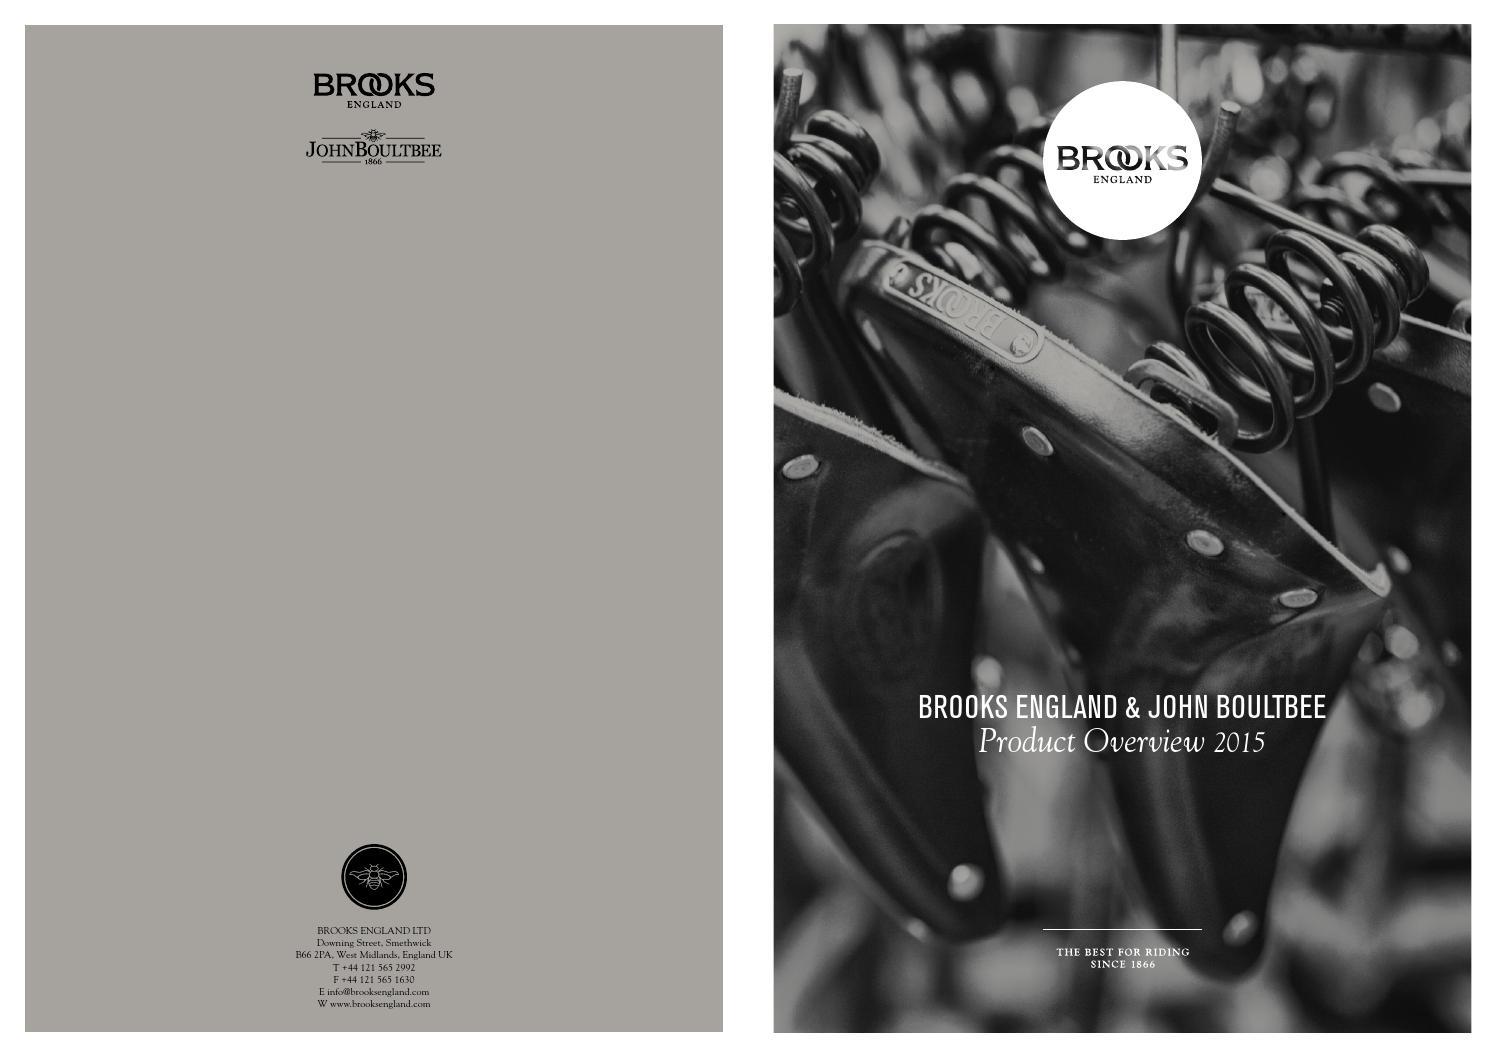 Brooks Large or Medium Nylon Rain Cover Leather Bicycle Saddle Protection